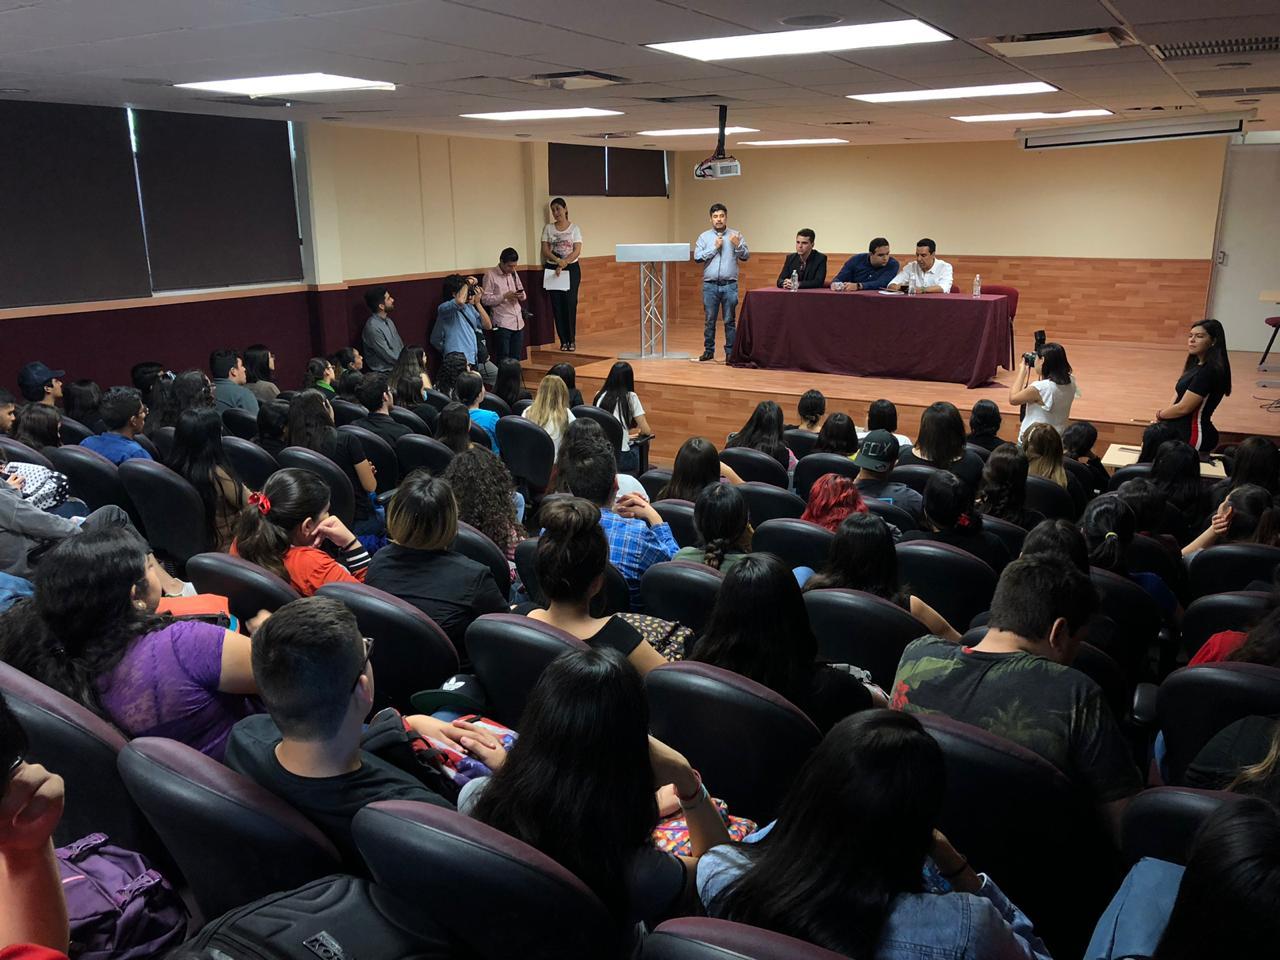 Guillermo Santiago Rodríguez, director general del Instituto Mexicano de la Juventud se encuentra hablando en un auditorio del Instituto Tecnológico de Mazatlán (ITMAZ) frente a jóvenes estudiantes interesados en temas de juventud.